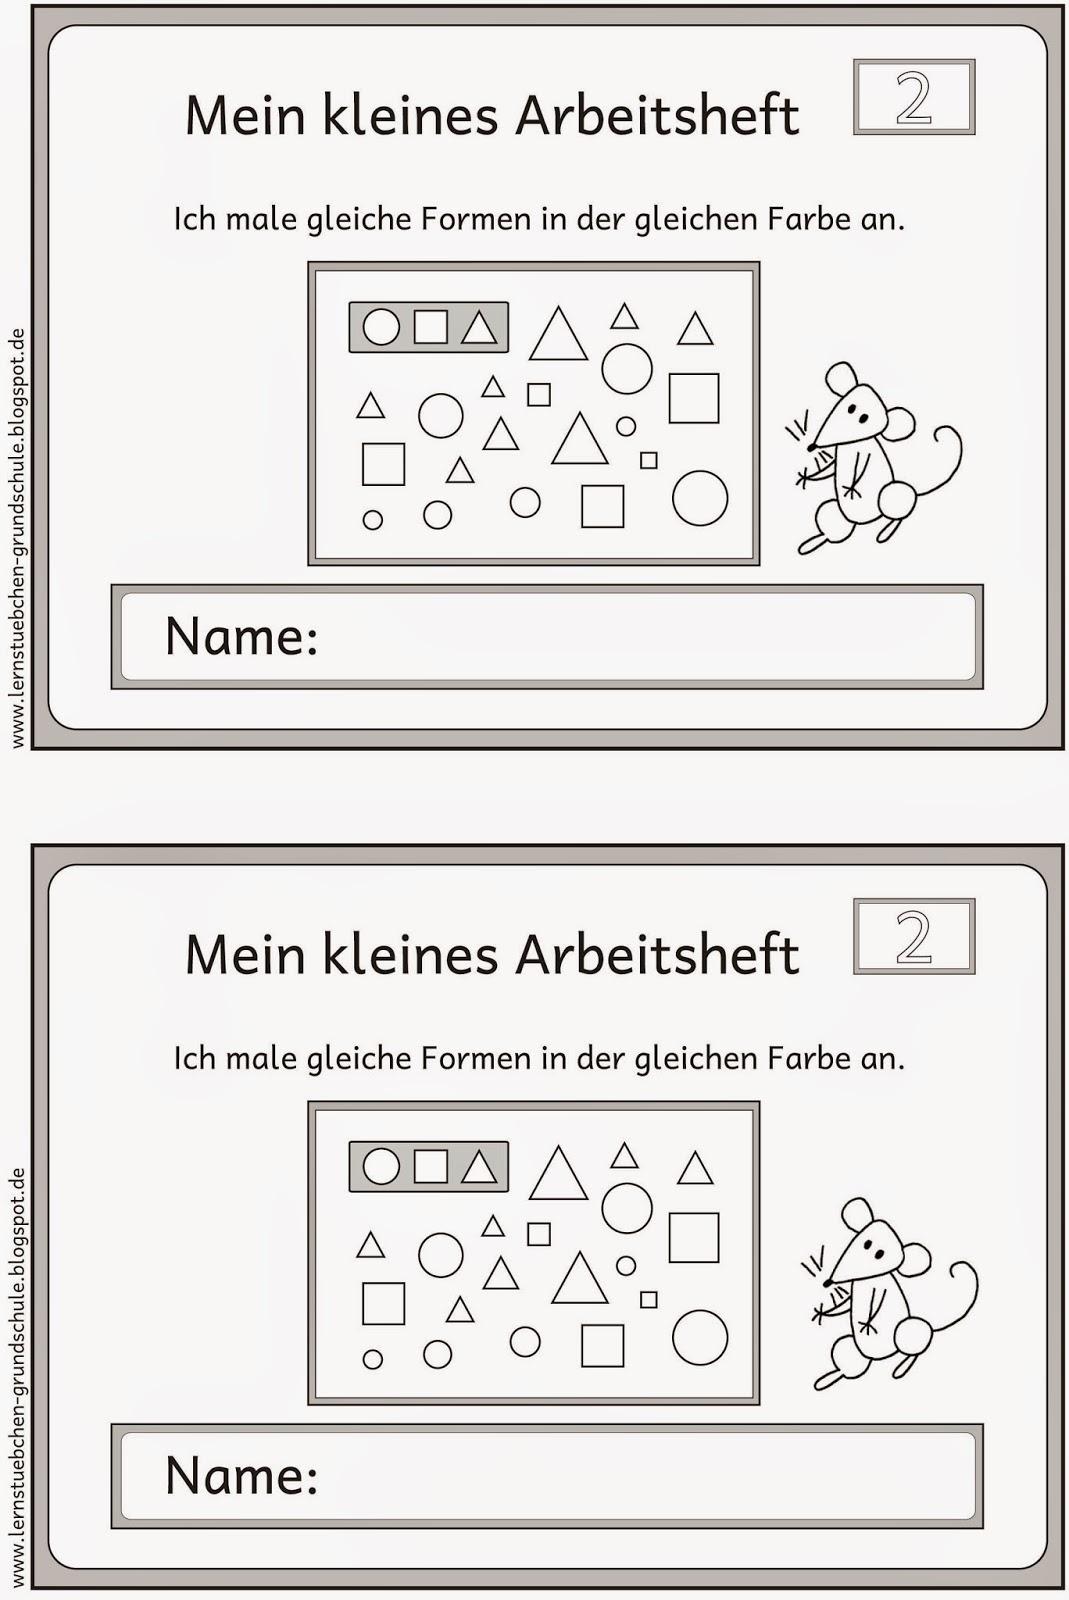 Niedlich Formen Arbeitsblatt Für Kindergarten Ideen - Mathe ...